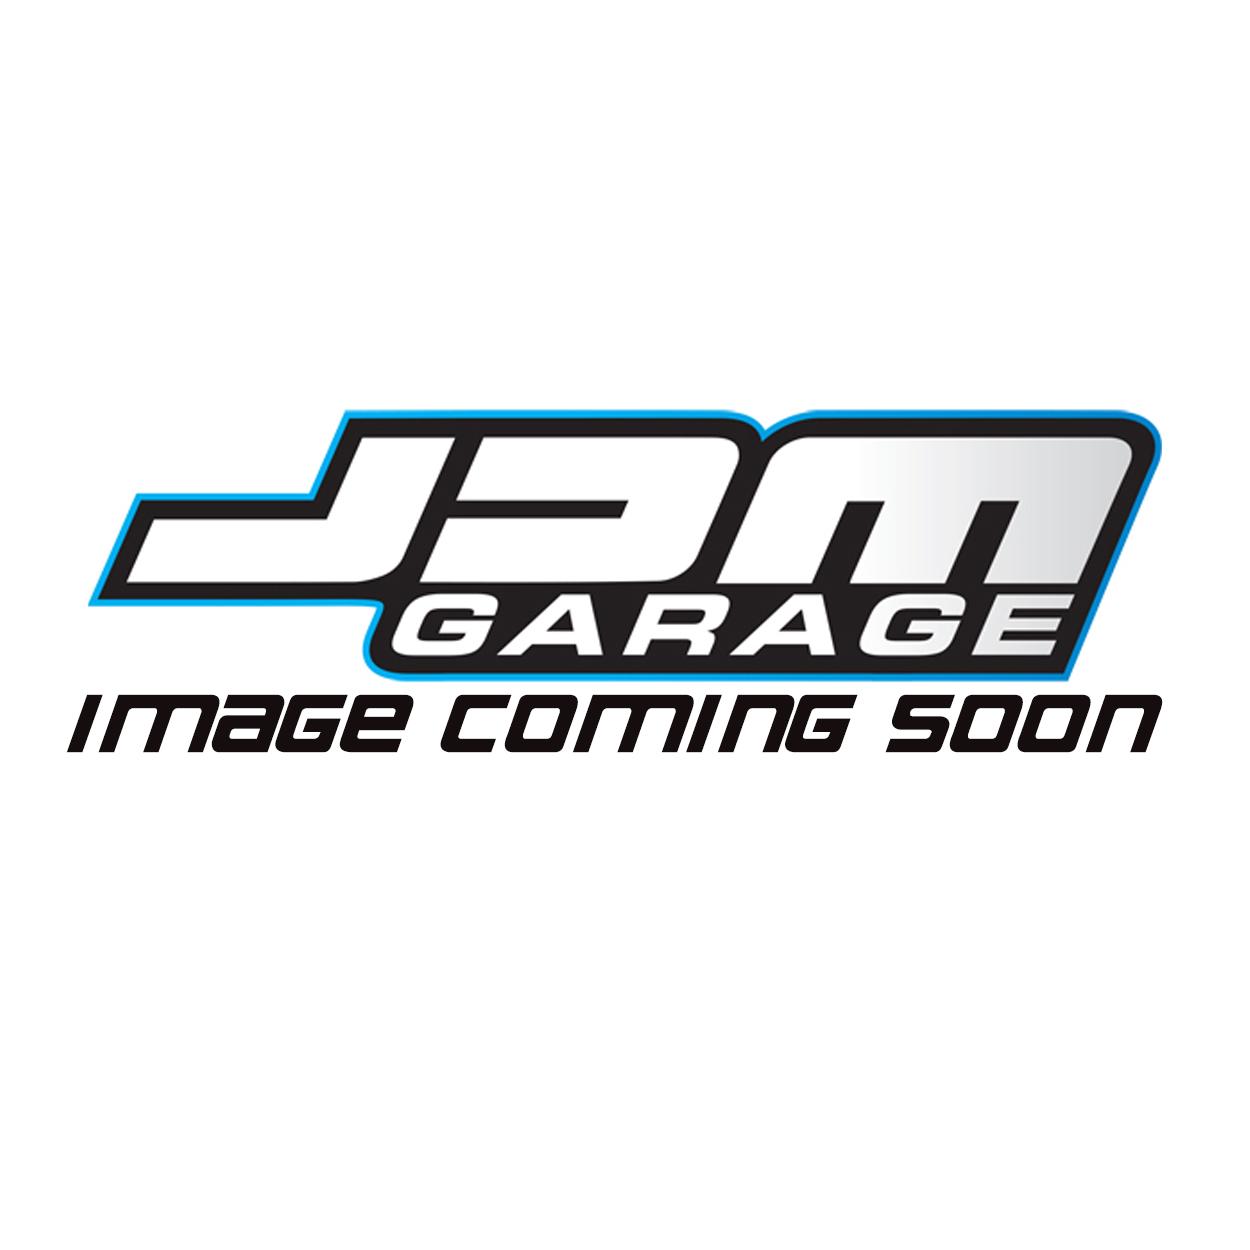 R33 GTR RB26DETT Gearbox - 40,000 miles